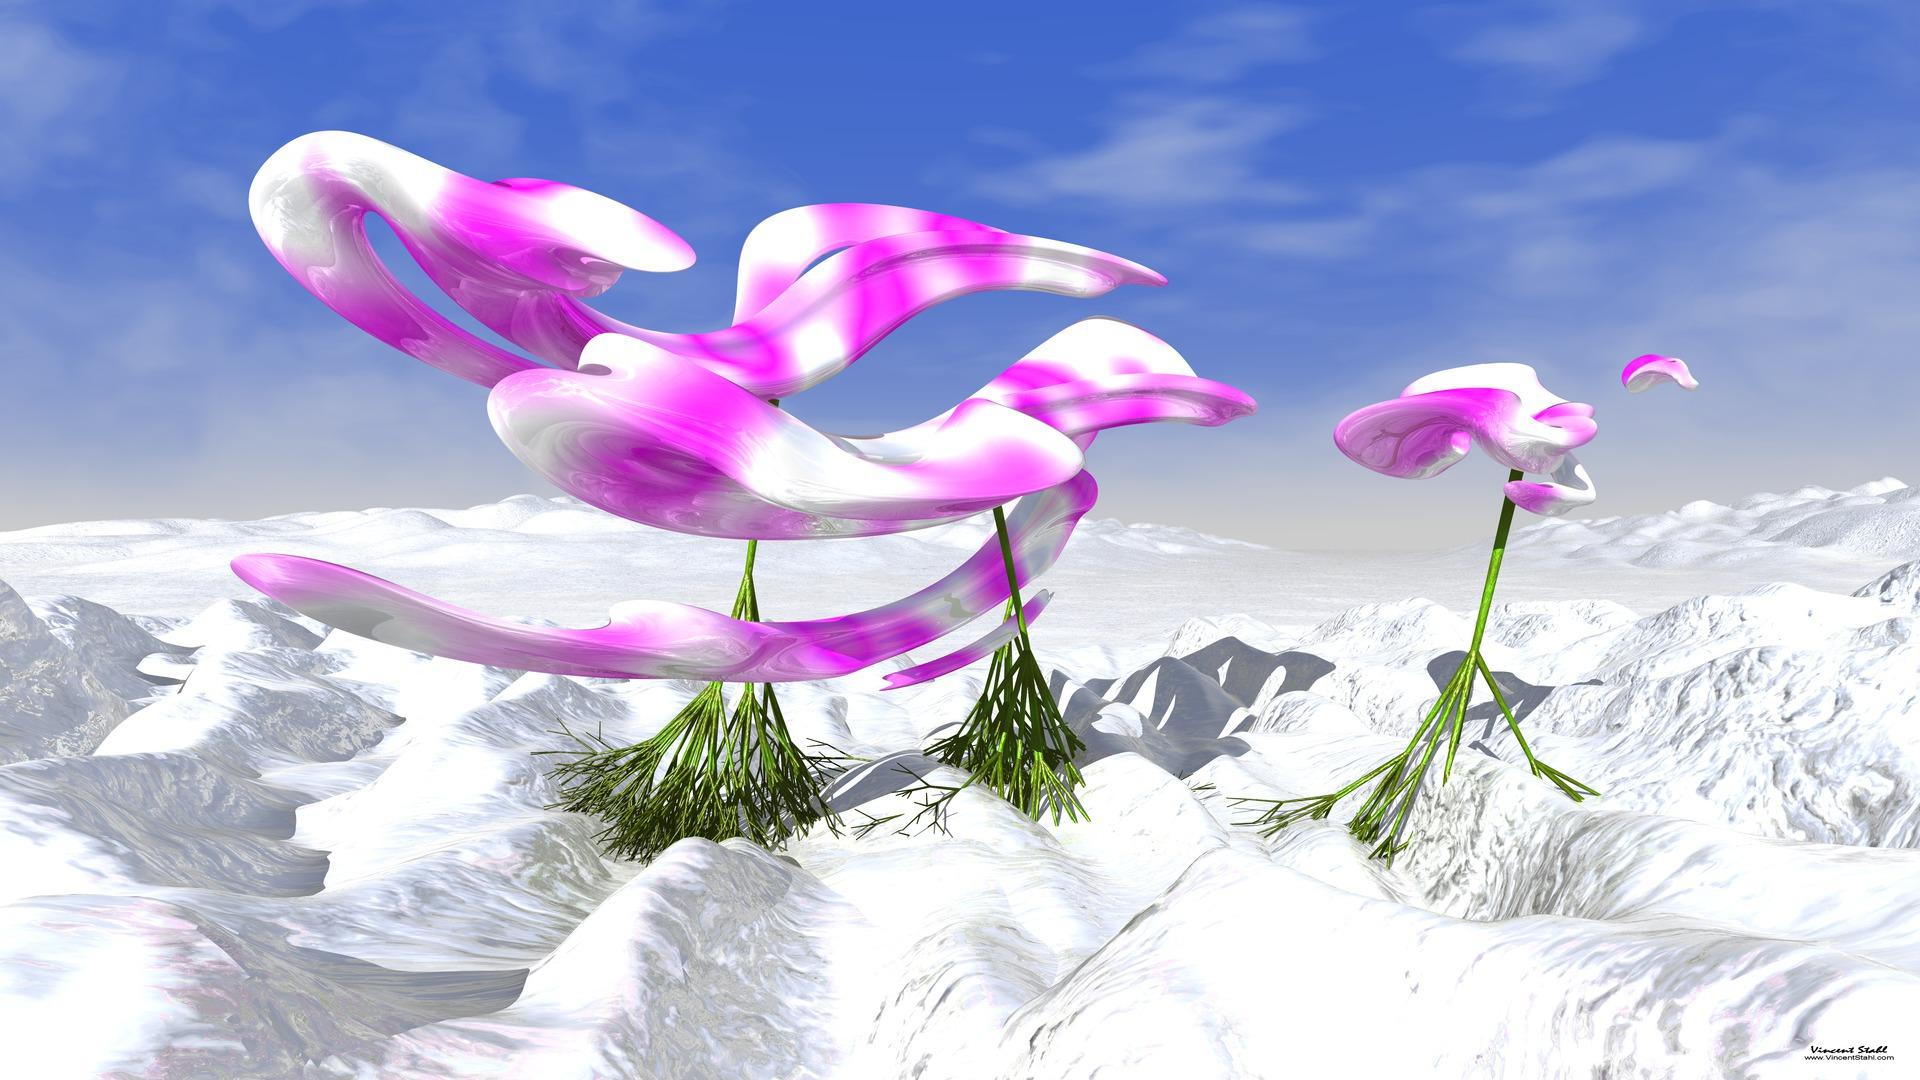 Anaglyph 3d flower wallpaper 856940 for 3d white flower wallpaper